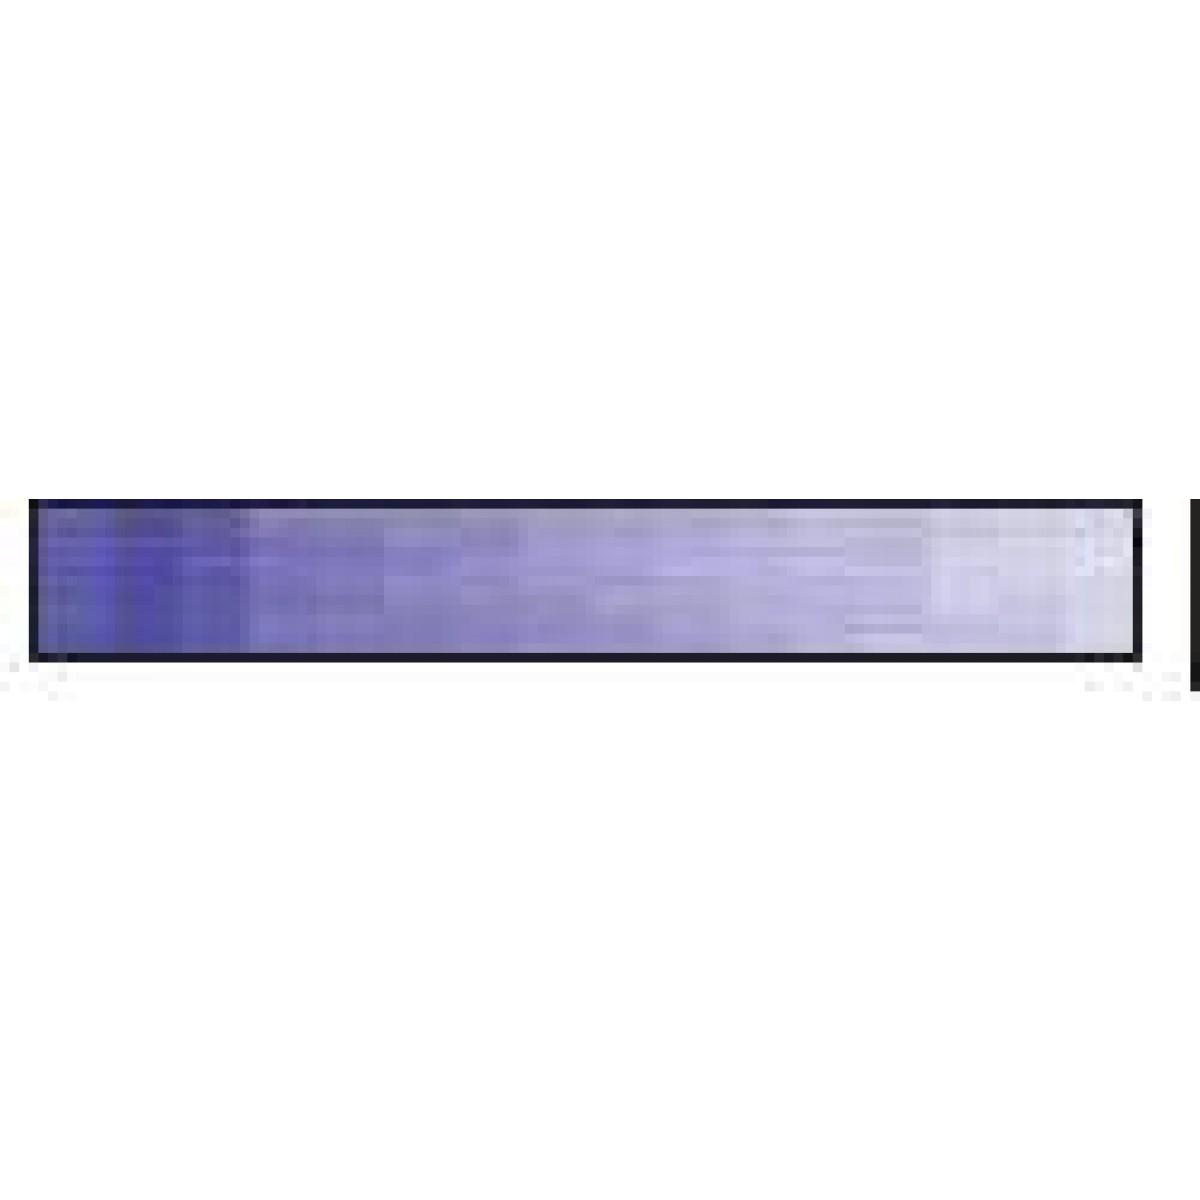 85118 Kunstnerkvalitet soft pastel Violet blue